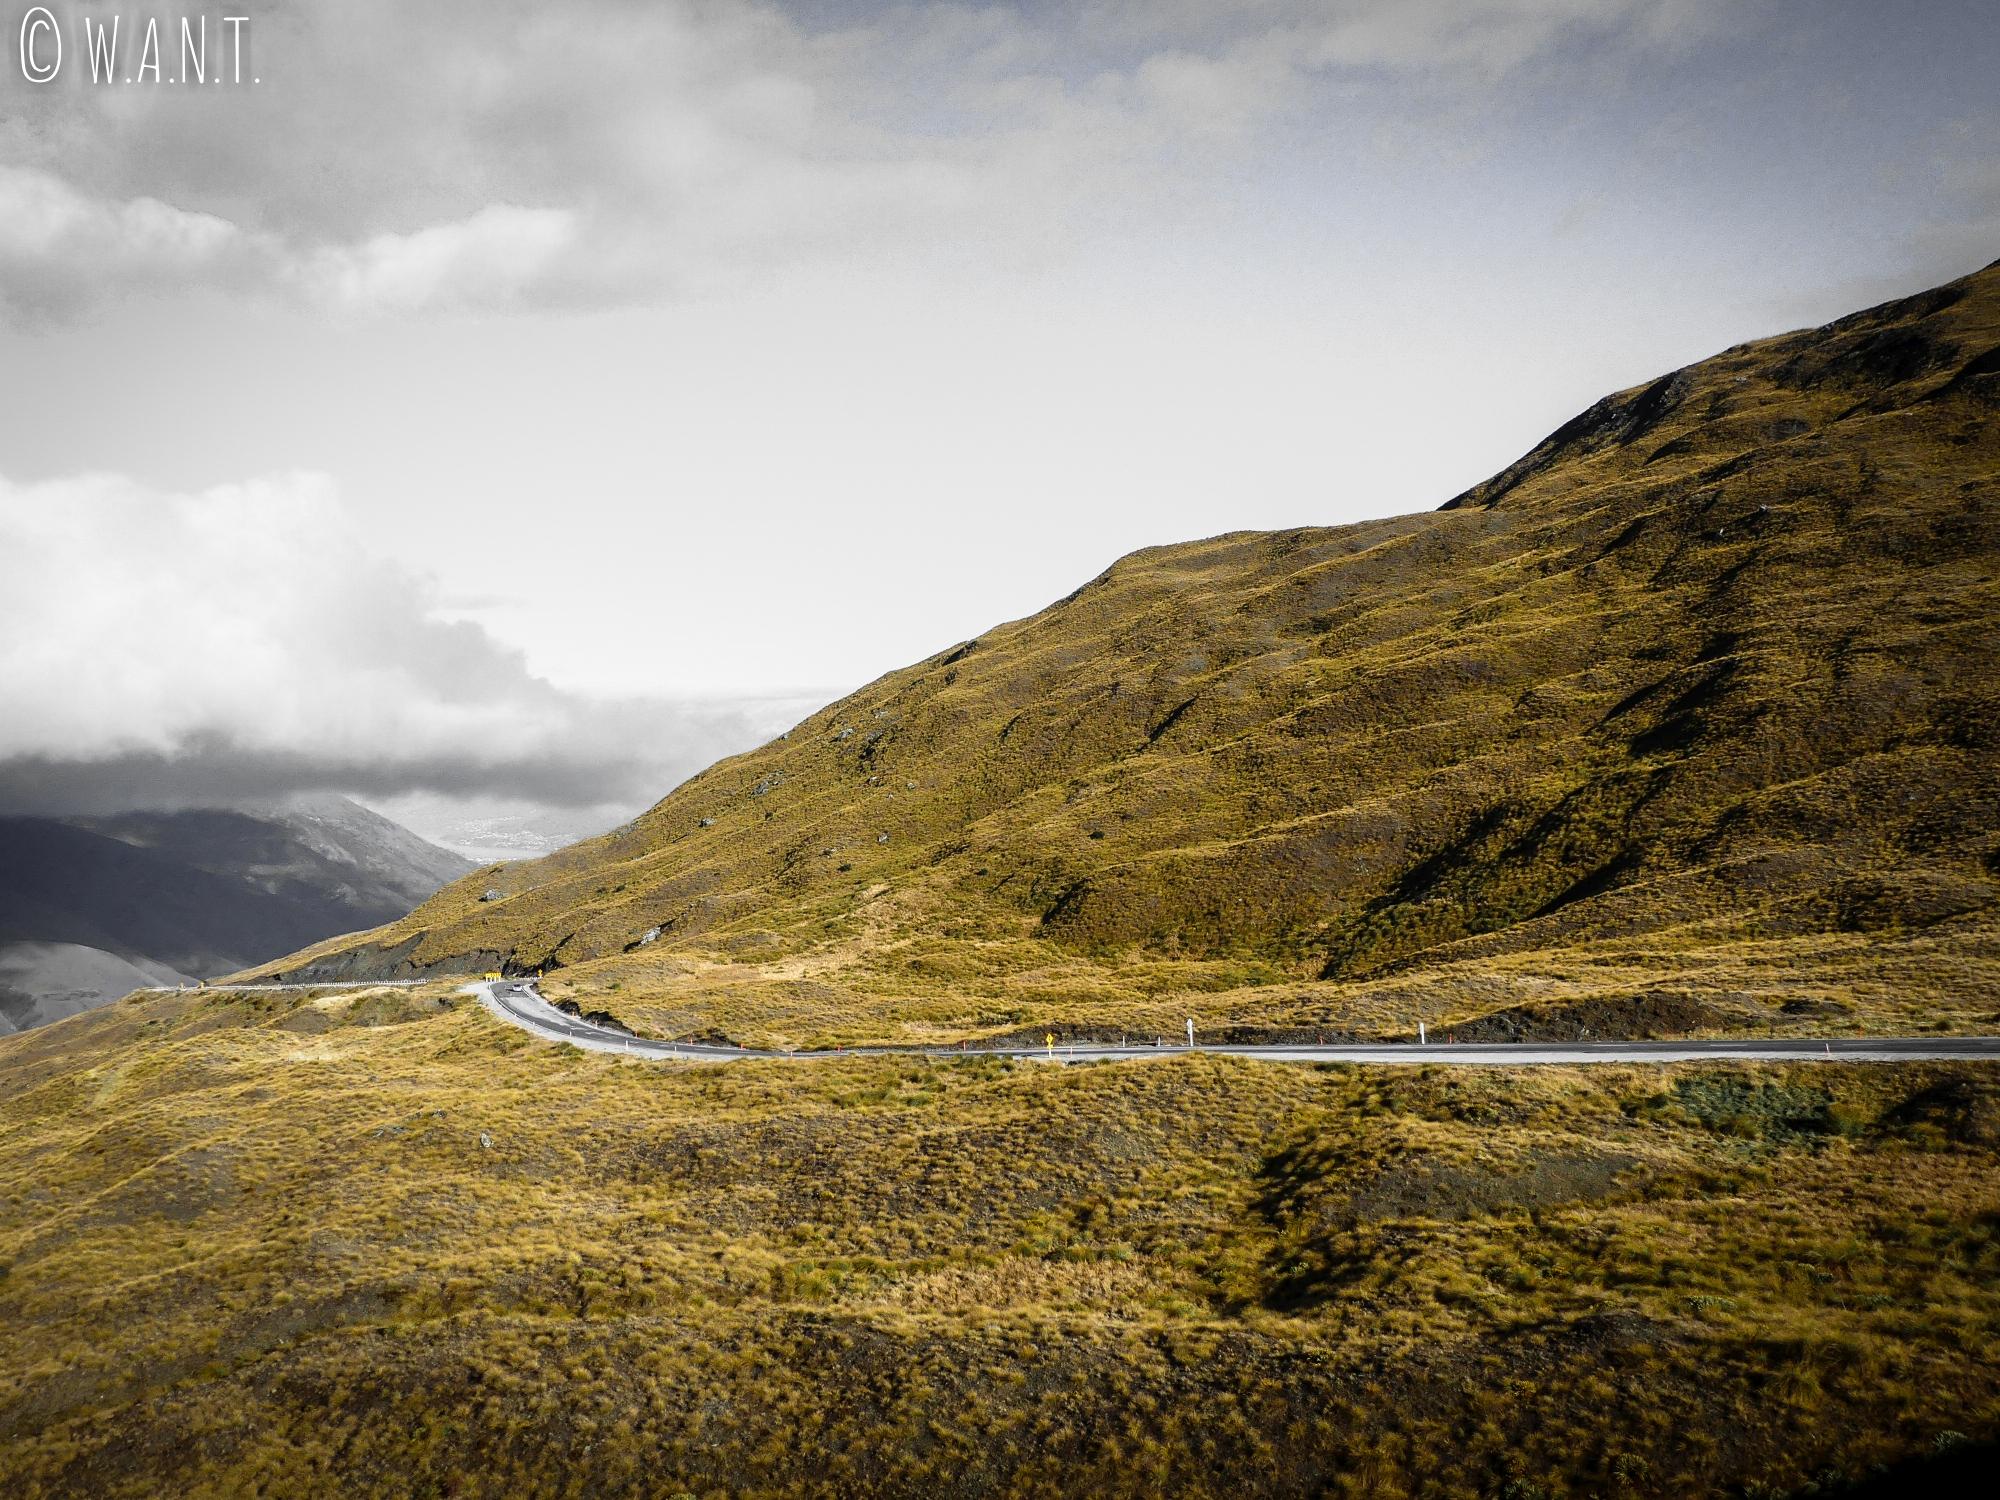 La route menant à Wanaka en Nouvelle-Zélande offre des paysables sublimes